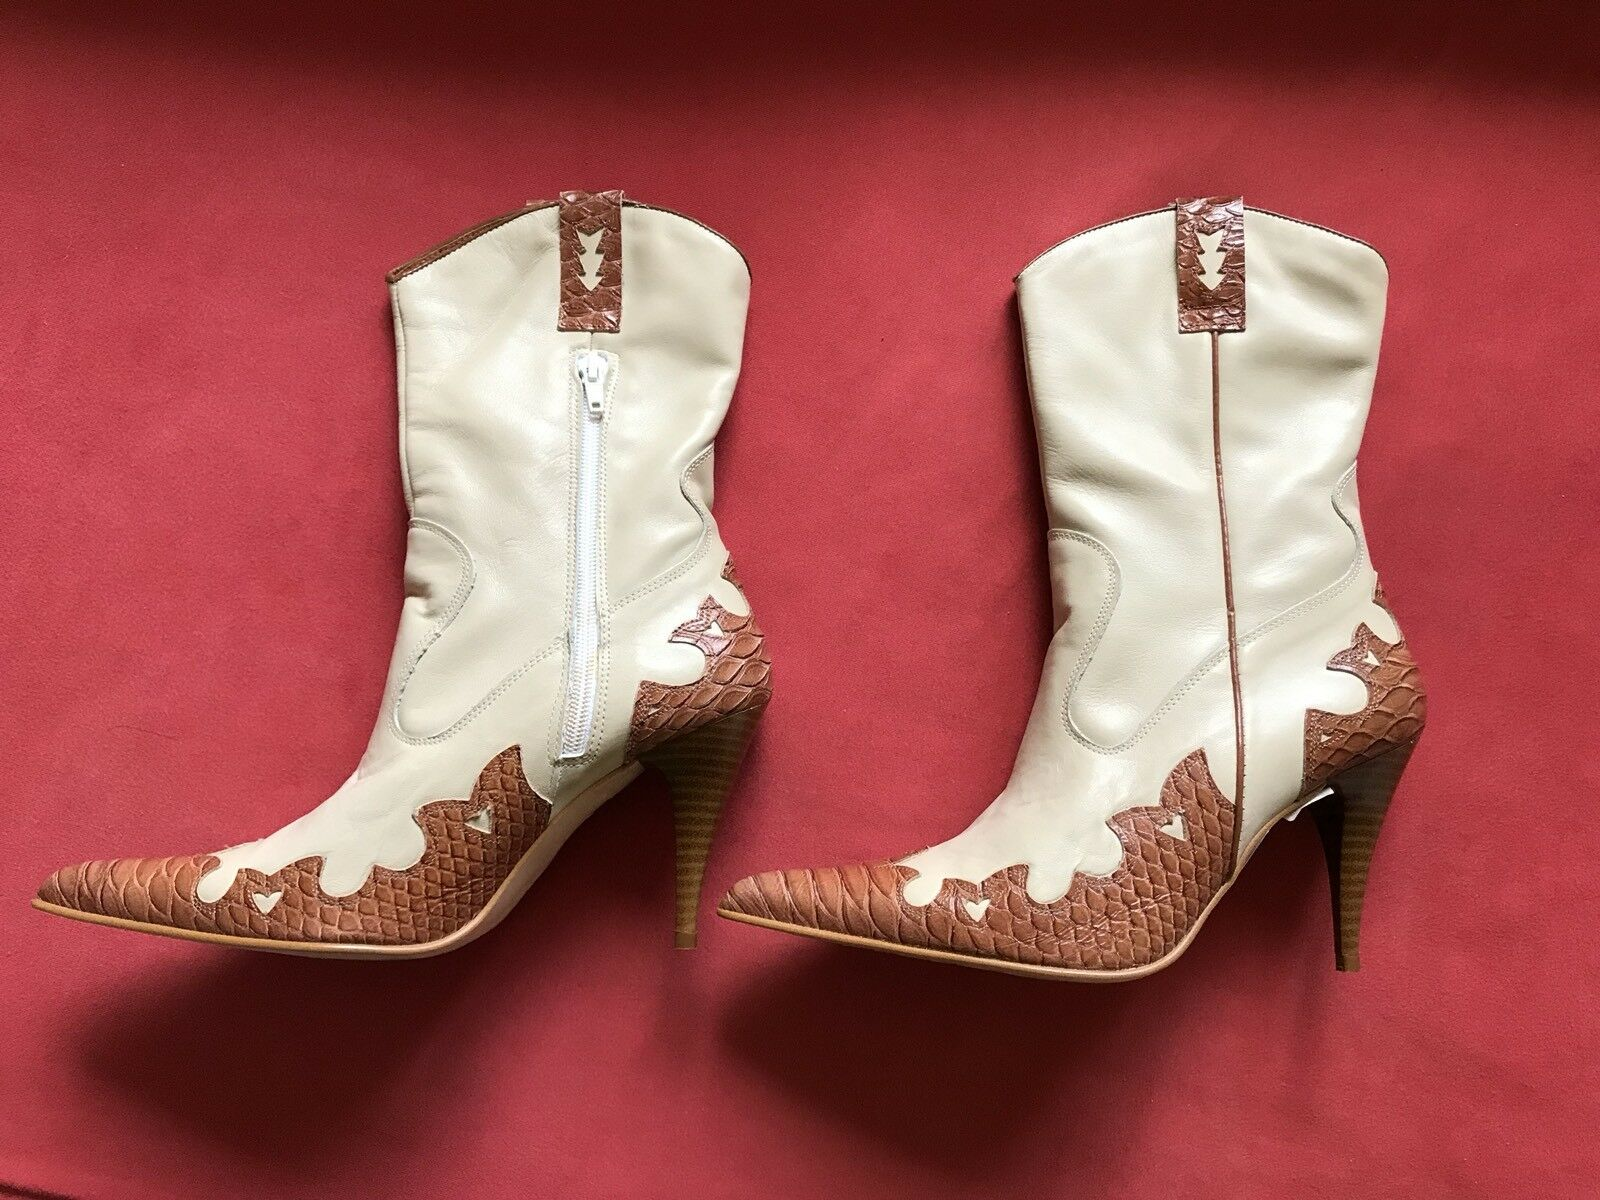 NEU Cowboy Stiefel Damenschuhe Stiefeletten Stiefel Gr.39 Neupreis 119,95 Euro